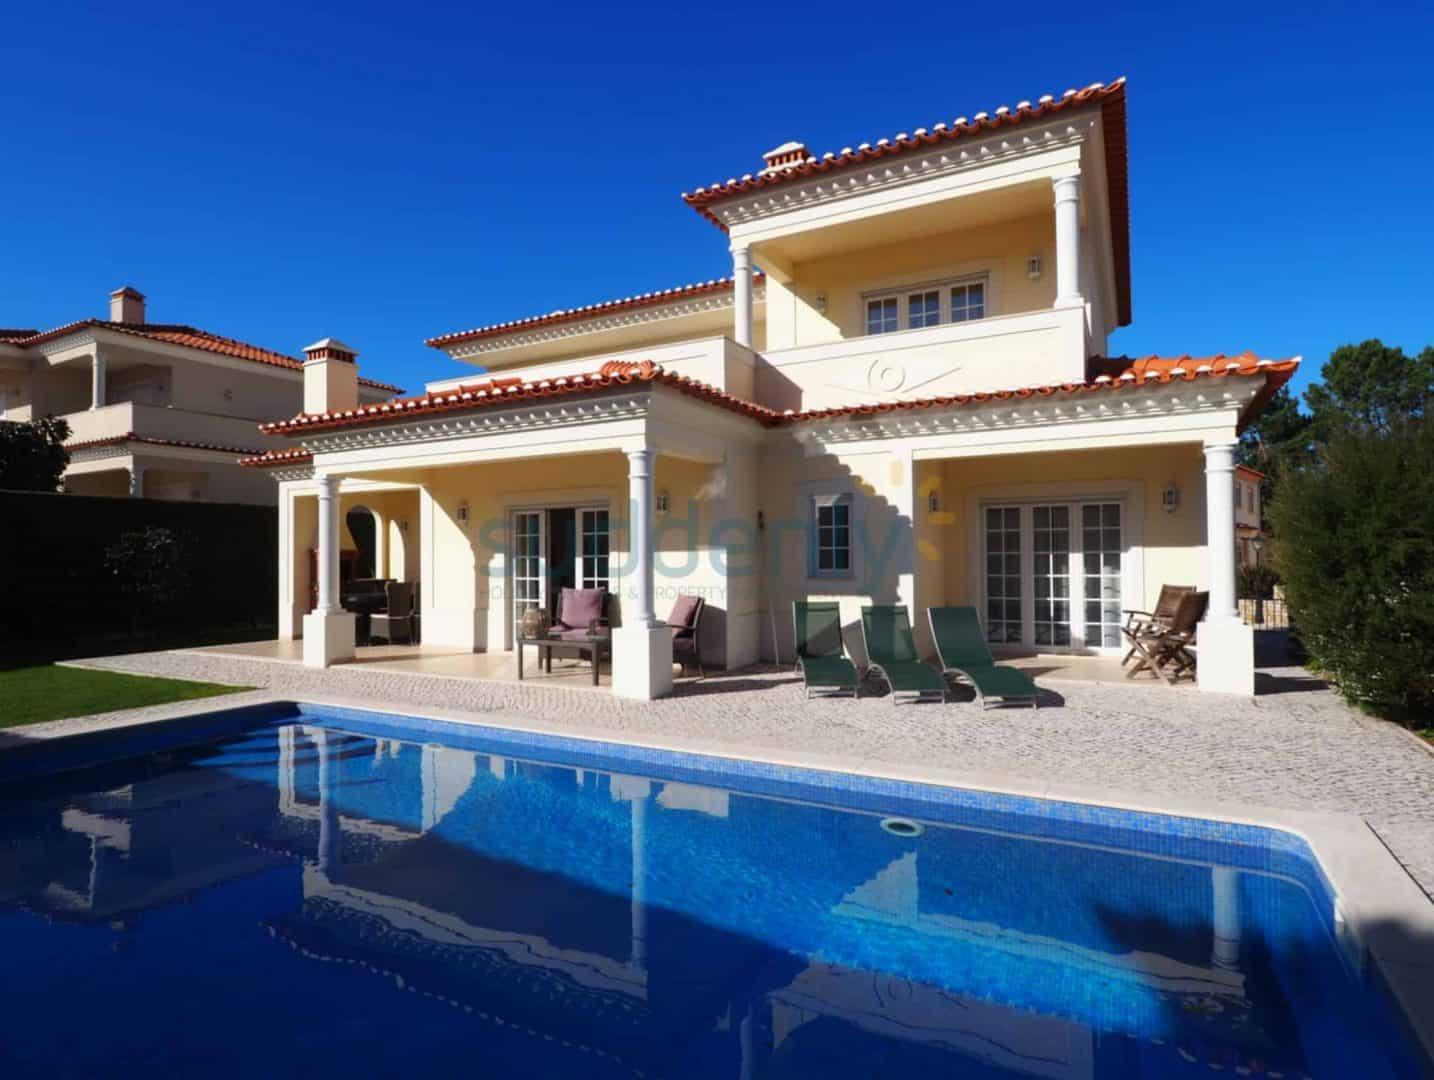 Holiday Rentals in Praia D'El Rey 68